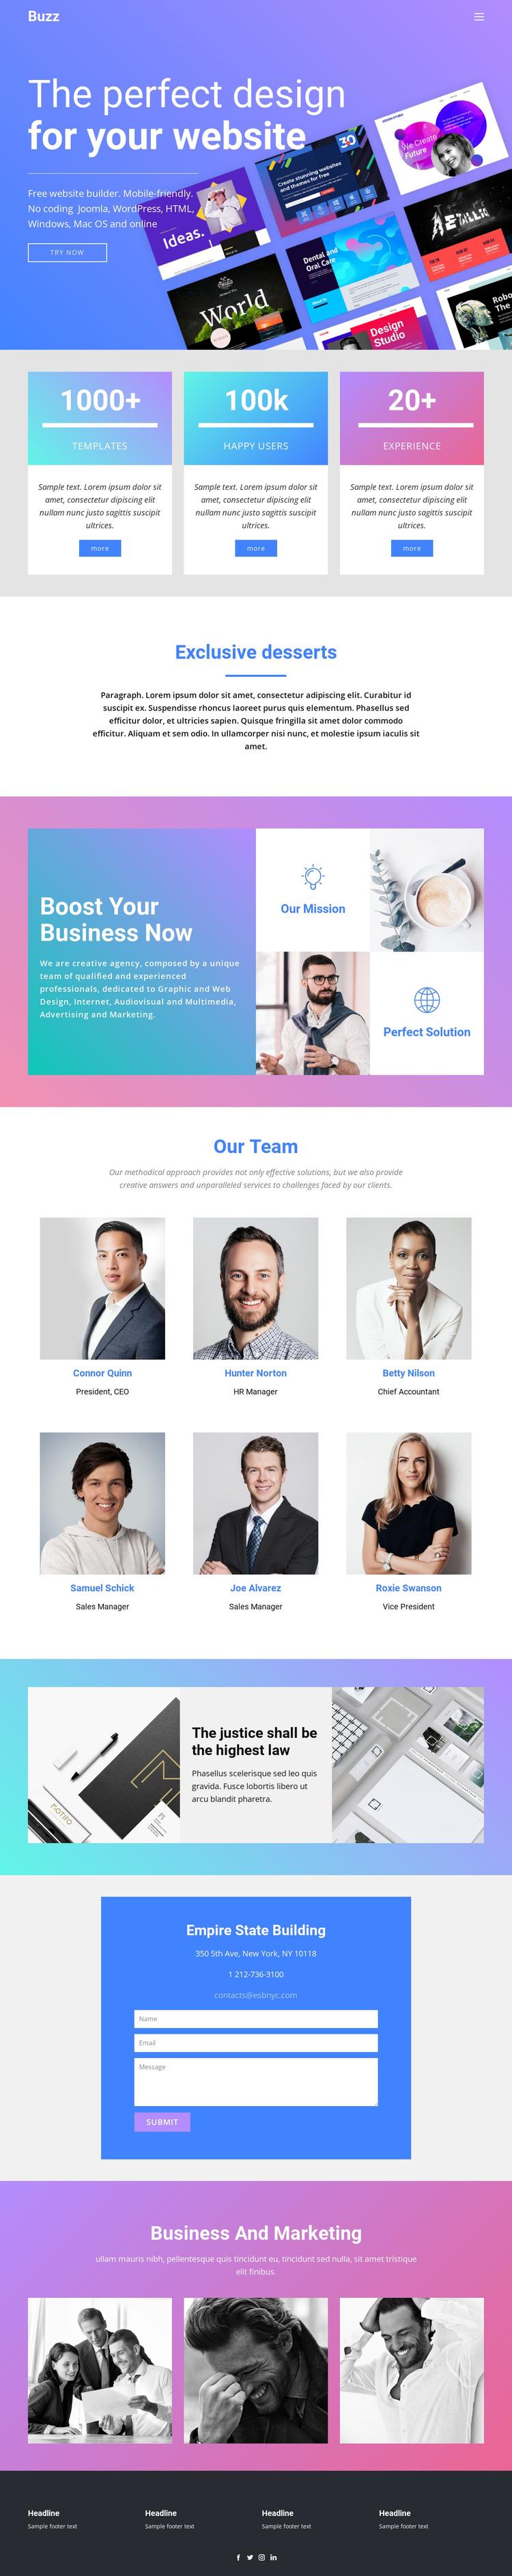 Design websites for business Web Design